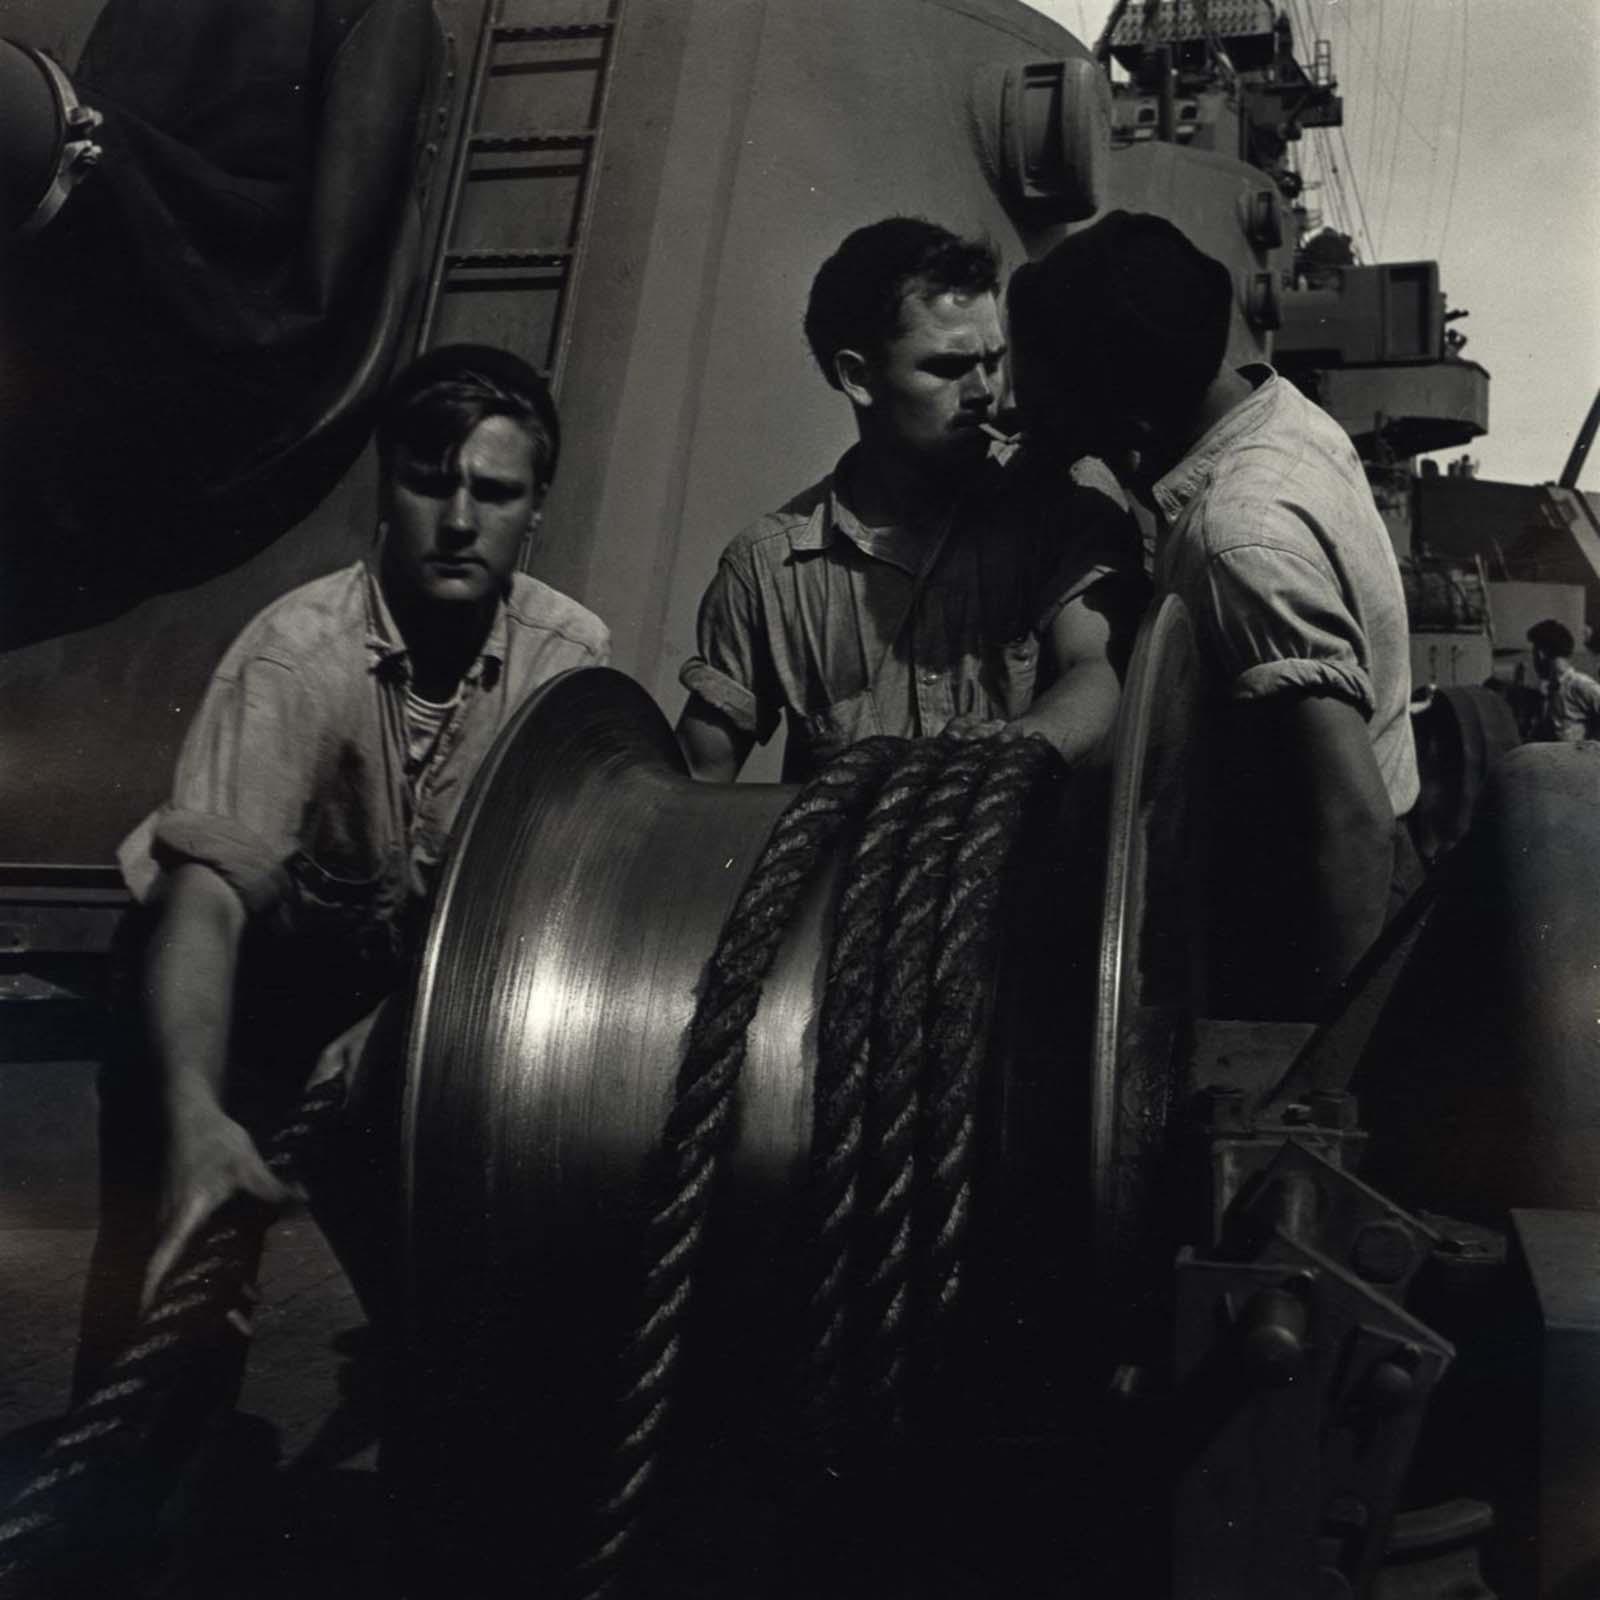 La vida cotidiana en un barco de la Armada, 1942-1945